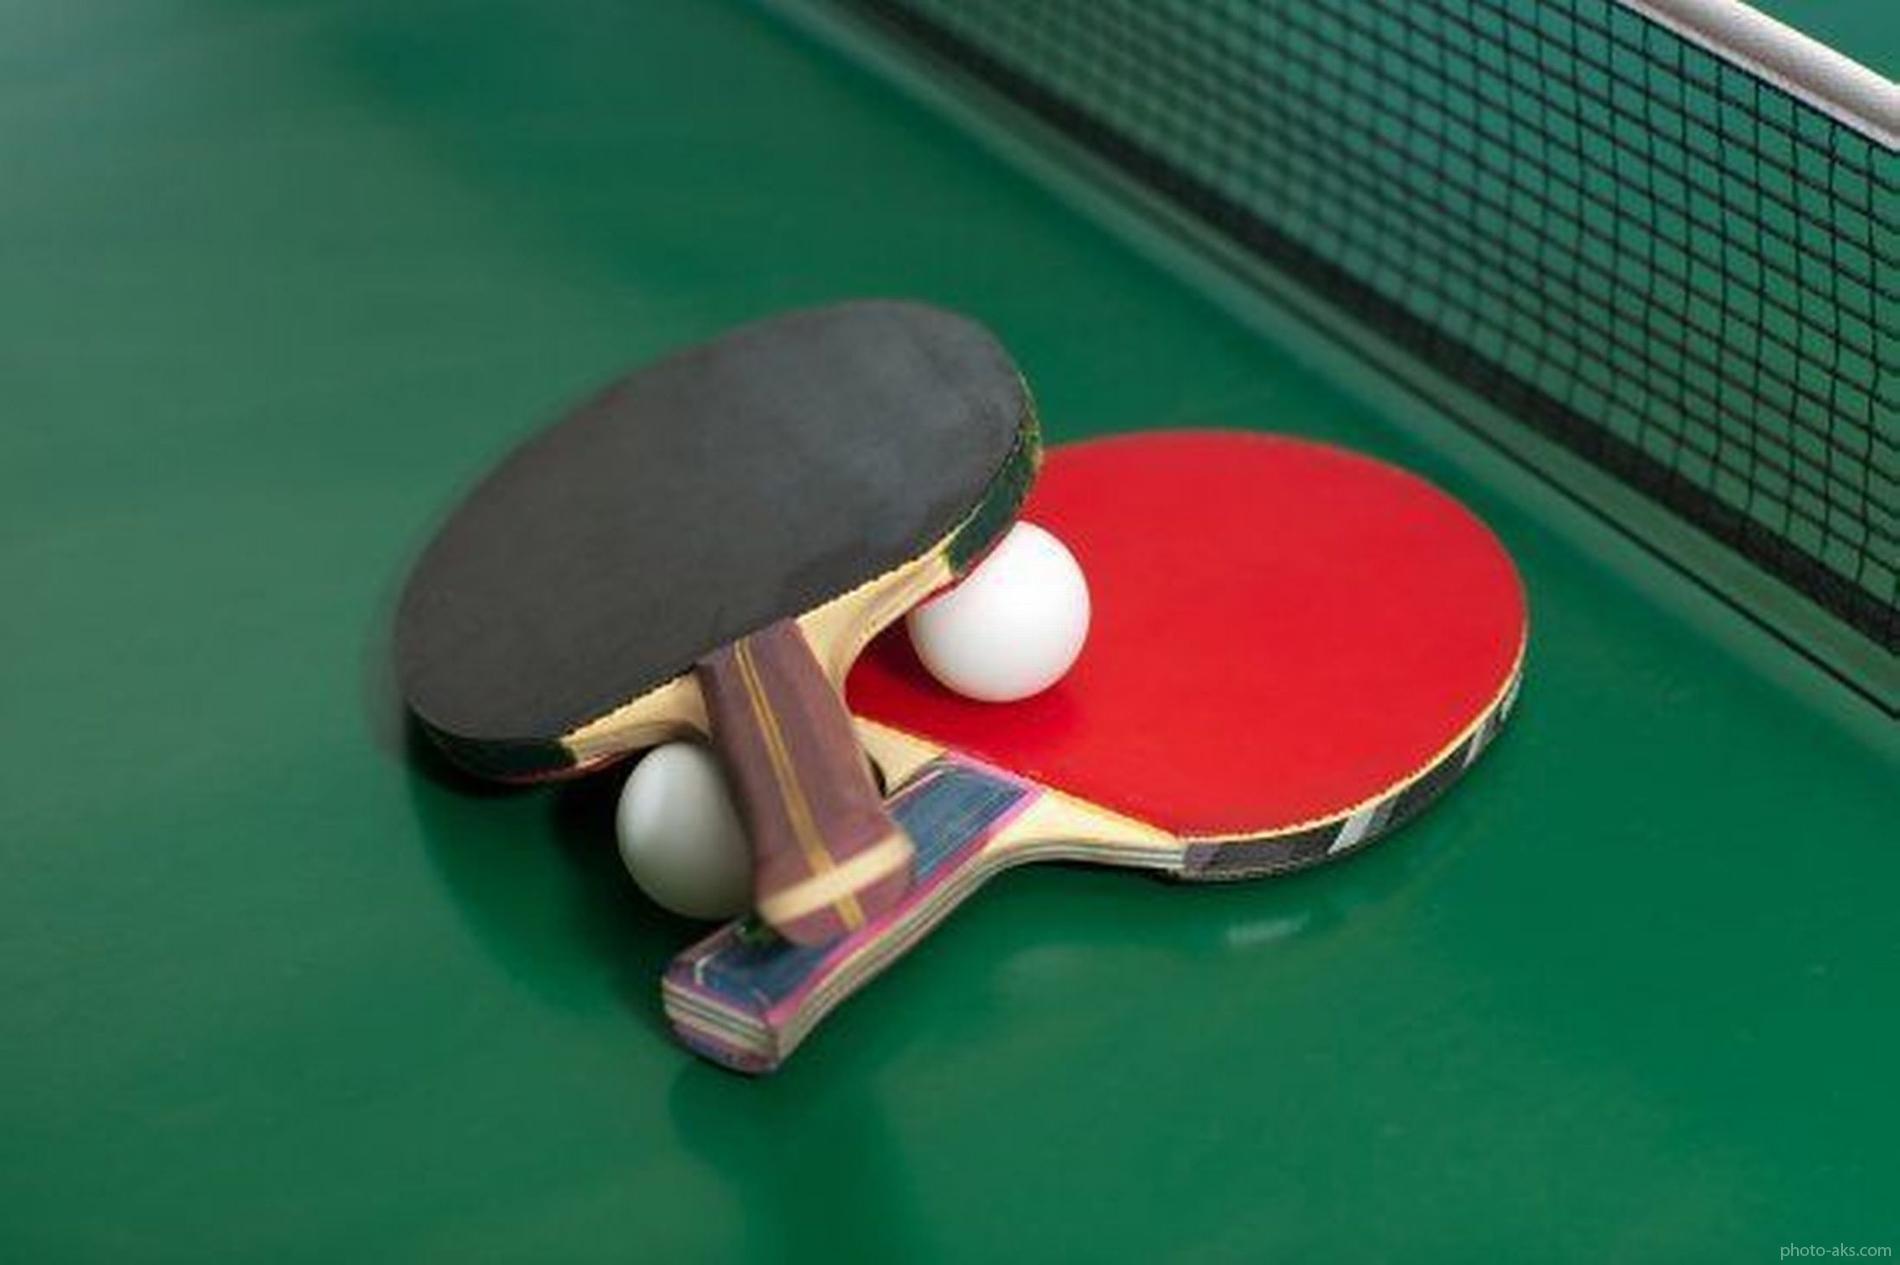 قضاوت داور ایرانی در مسابقات تنیس روی میز کاپ آسیا